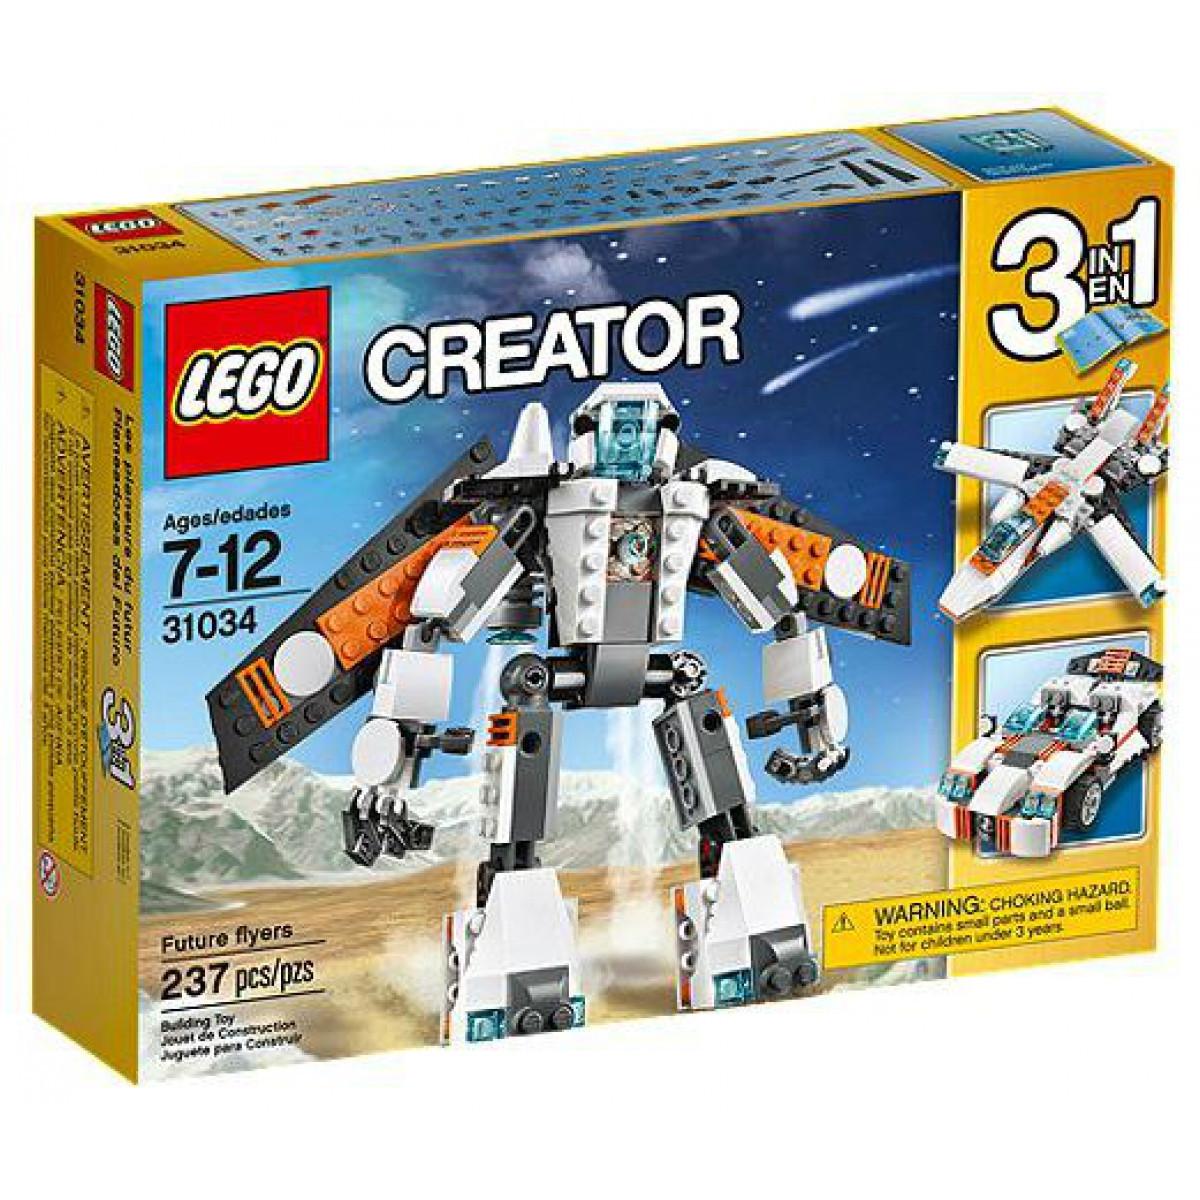 31034 Lego Creator Летающий робот, Лего Креатор